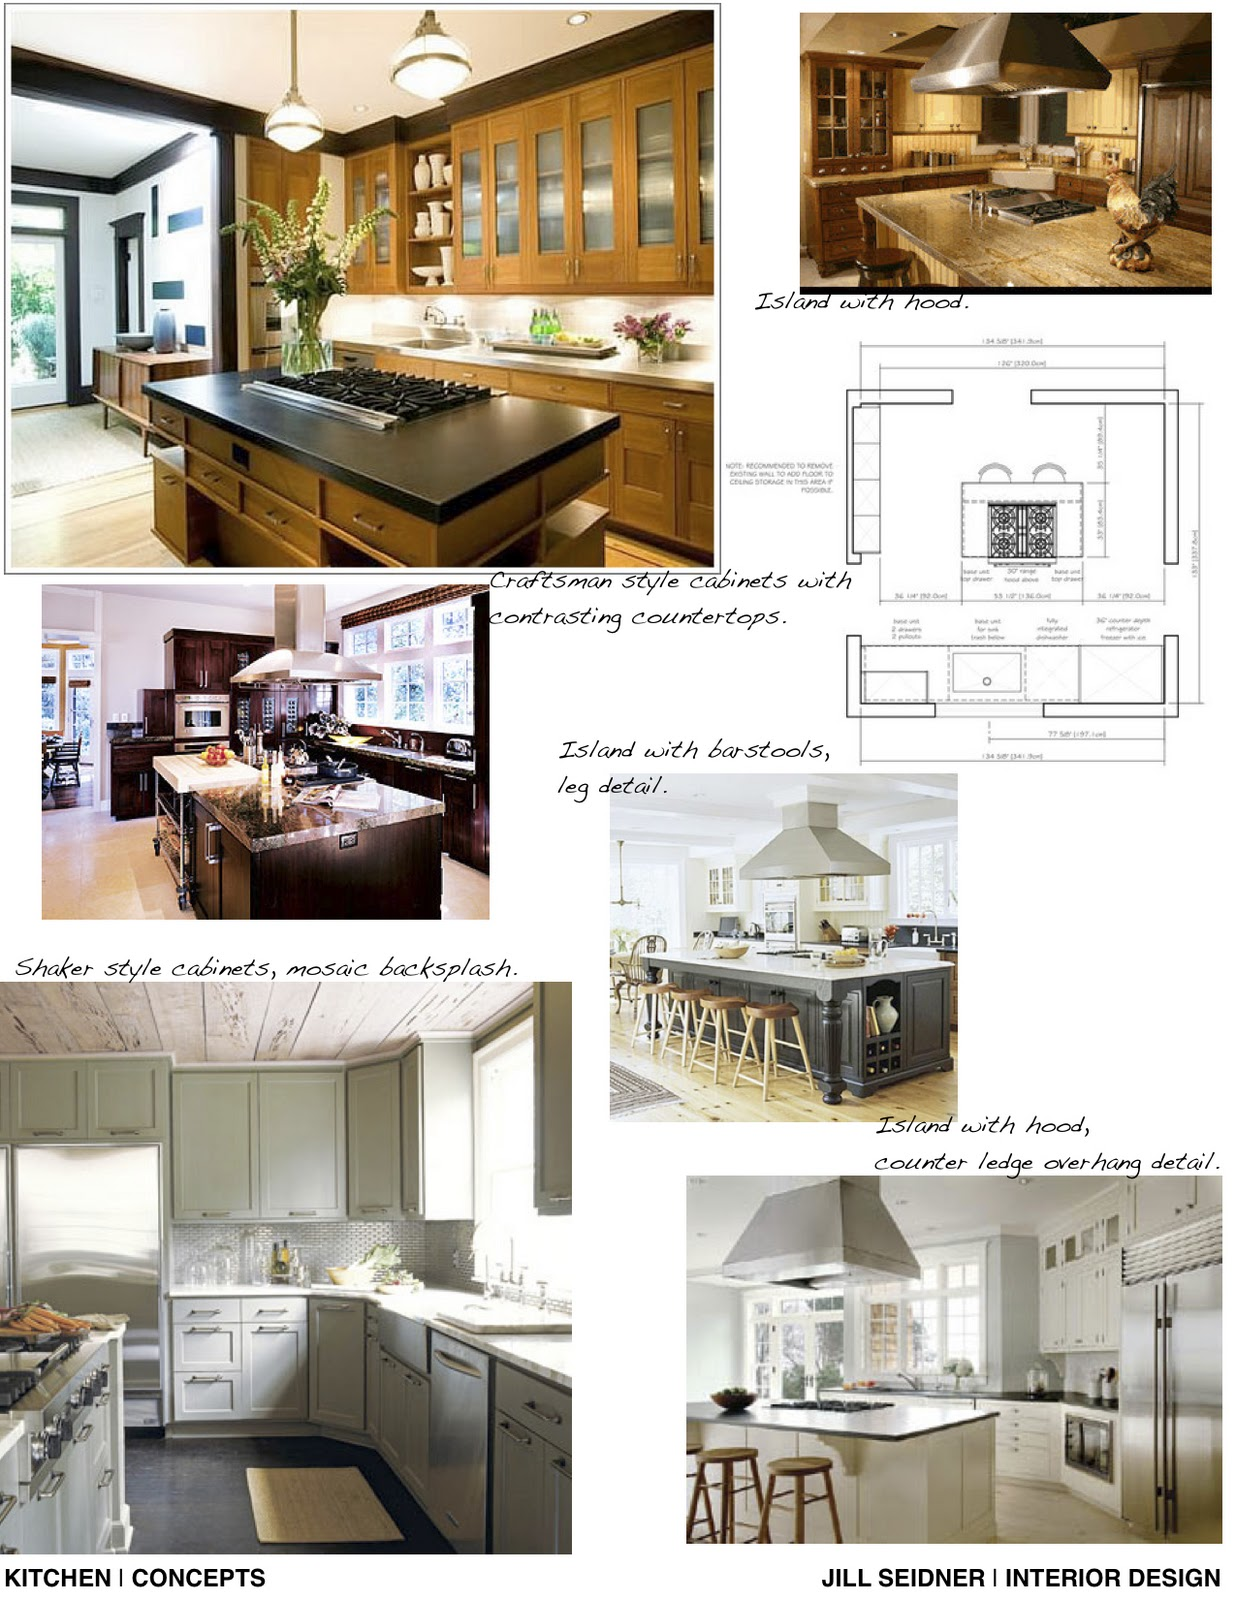 Jill Seidner Interior Design: Yang & Jean Kitchen